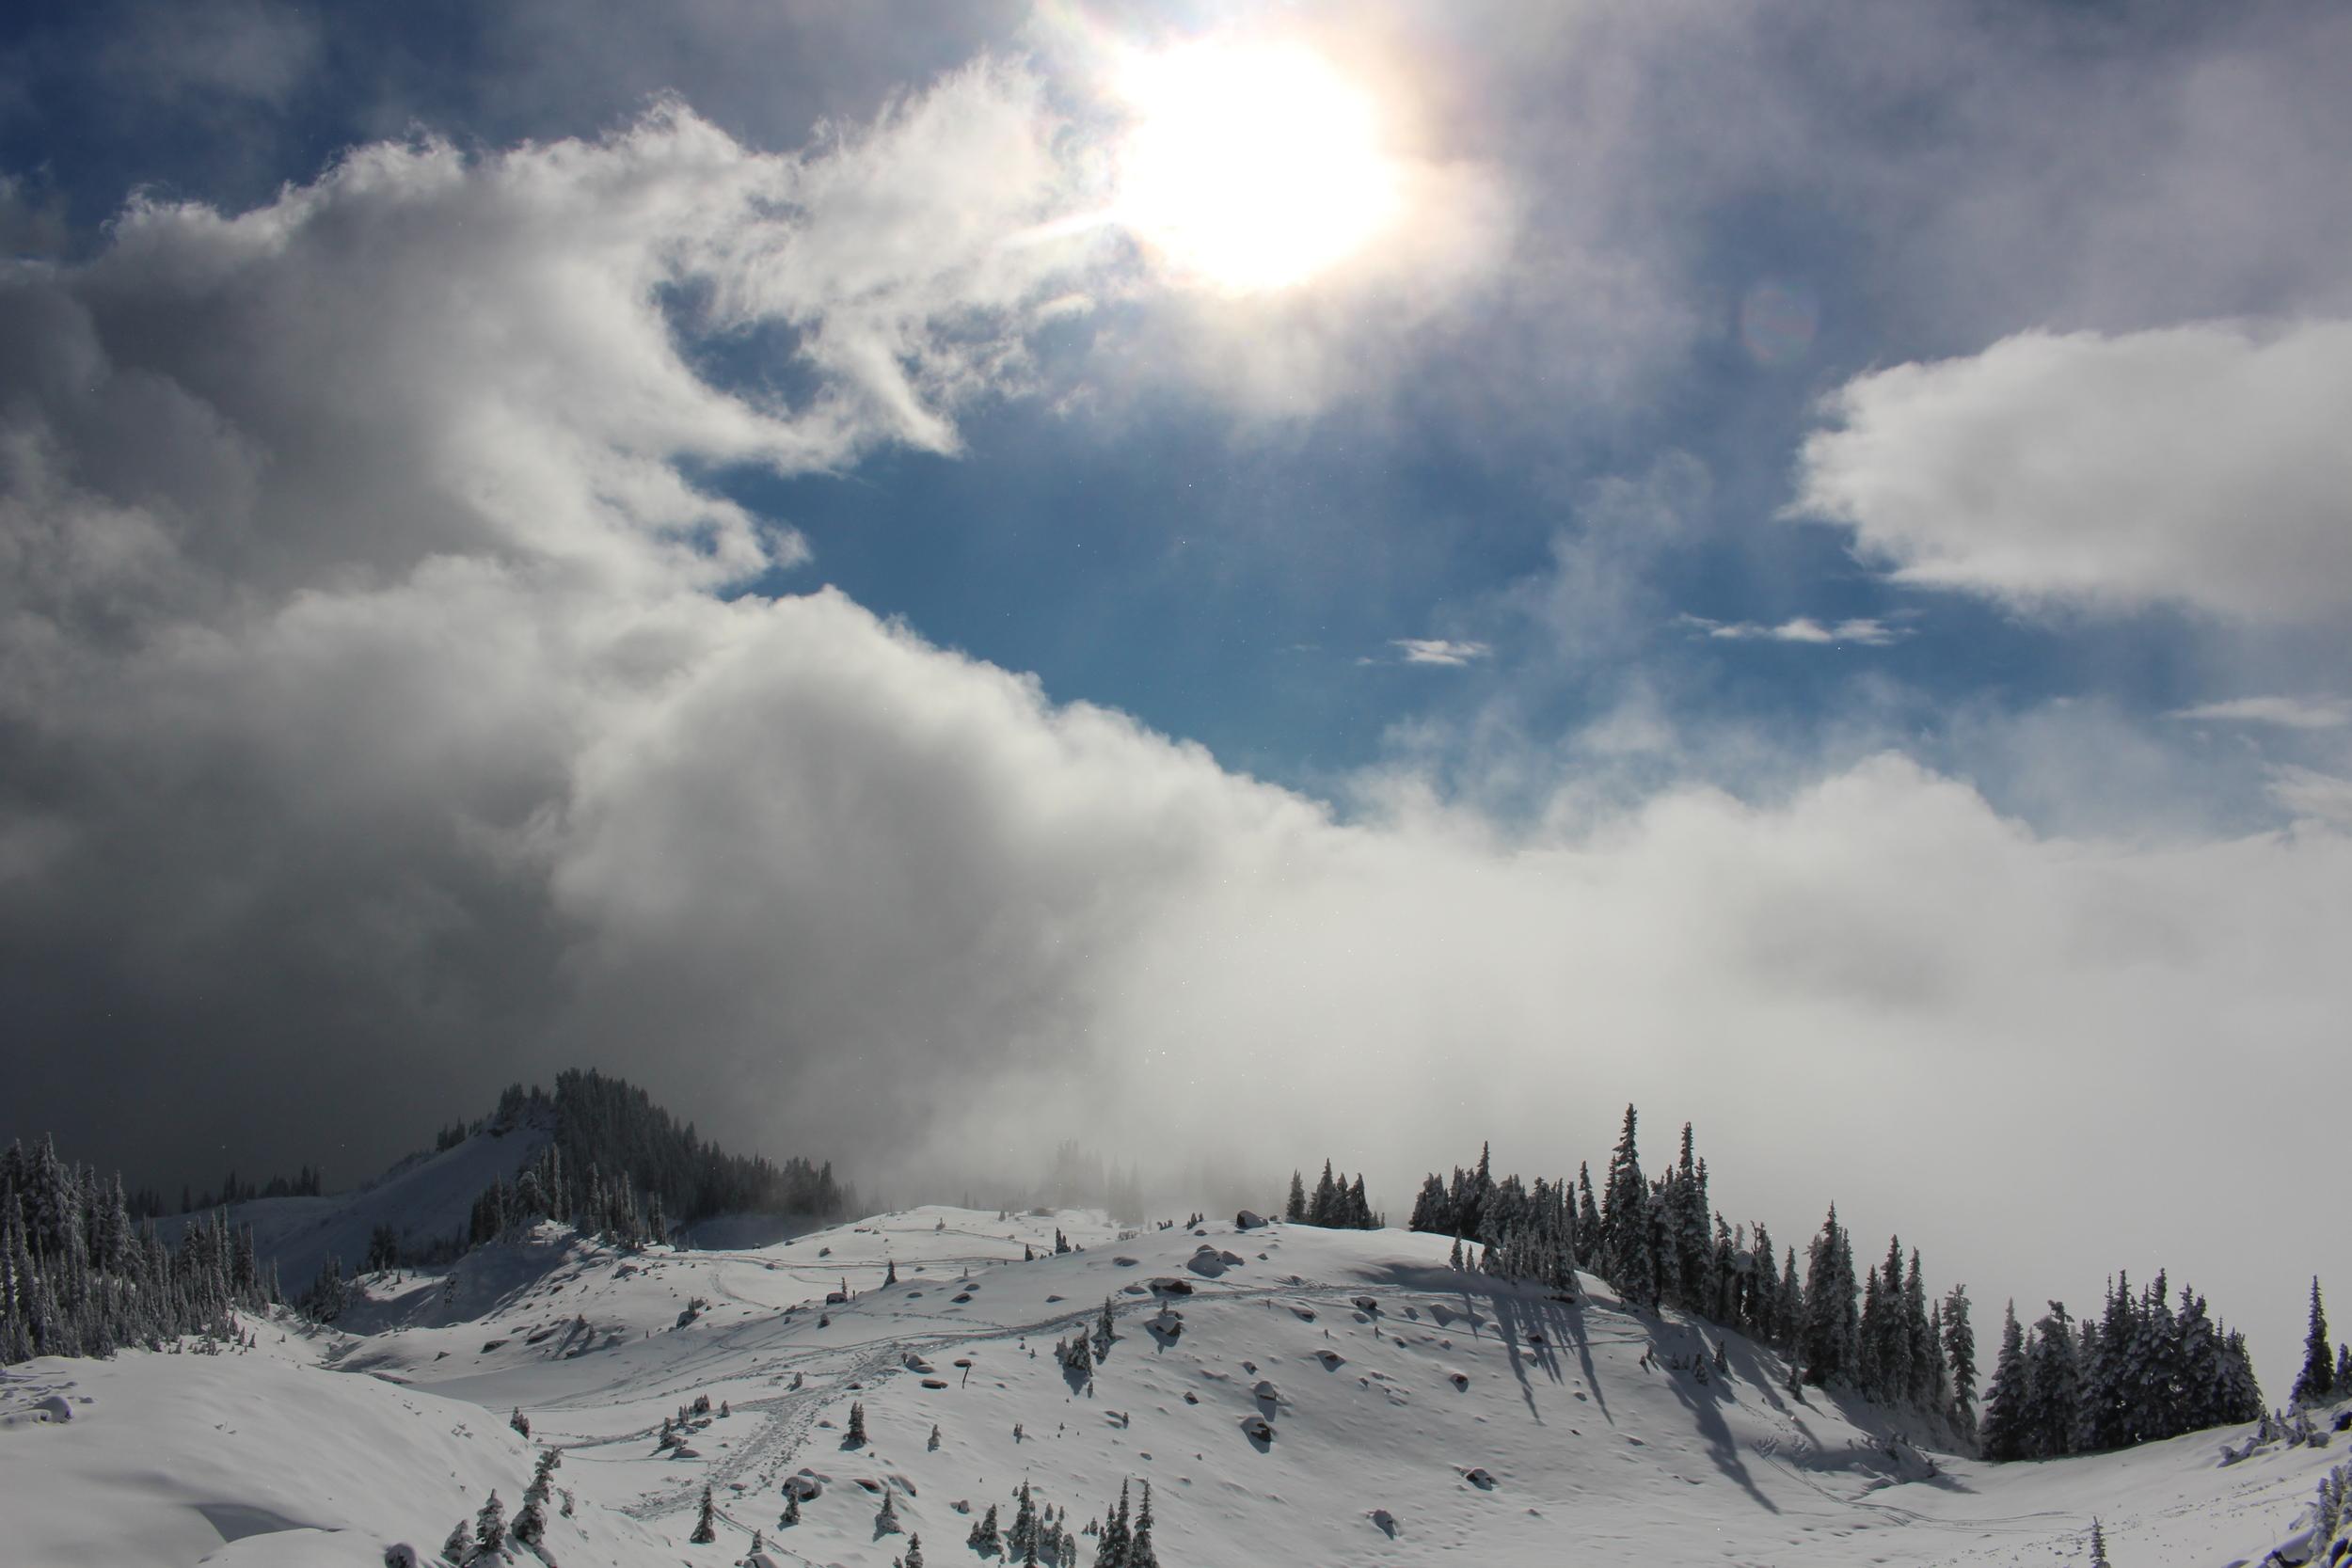 Ensemble on est parti escalader le mont Rainier dans les alentours de Seattle, avec l'espoir d'atteindre les lacs du sommet.. Maillots et serviettes de bain dans le sac, c'est avec surprise que l'on a découvert un paradis hivernal! S'est ensuivi une marche folle et magique dans la neige au milieu des skieurs.